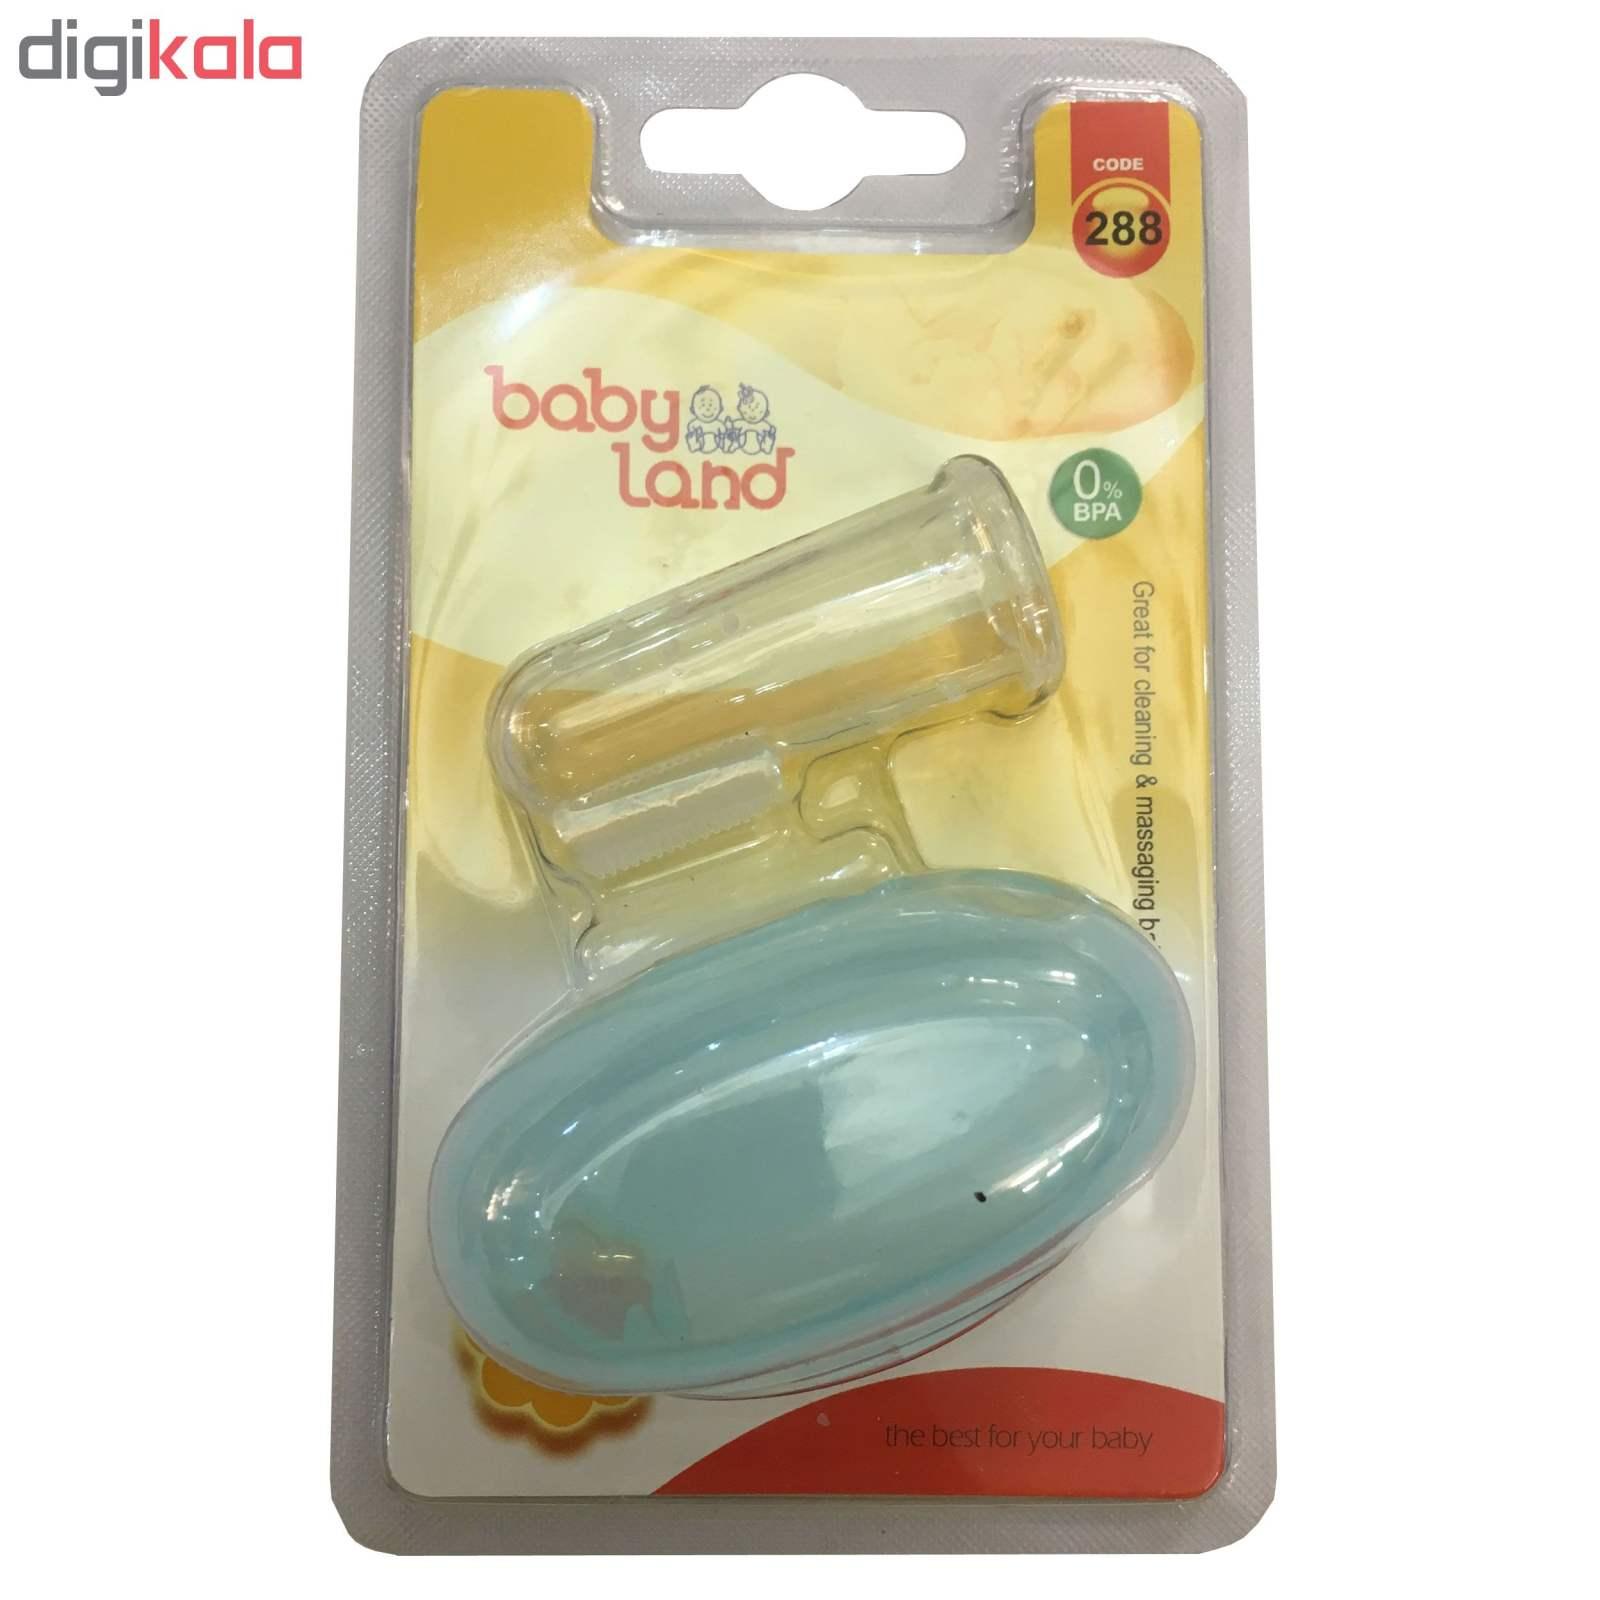 مسواک انگشتی نوزادی بیبی لند مدل 5004 thumb 2